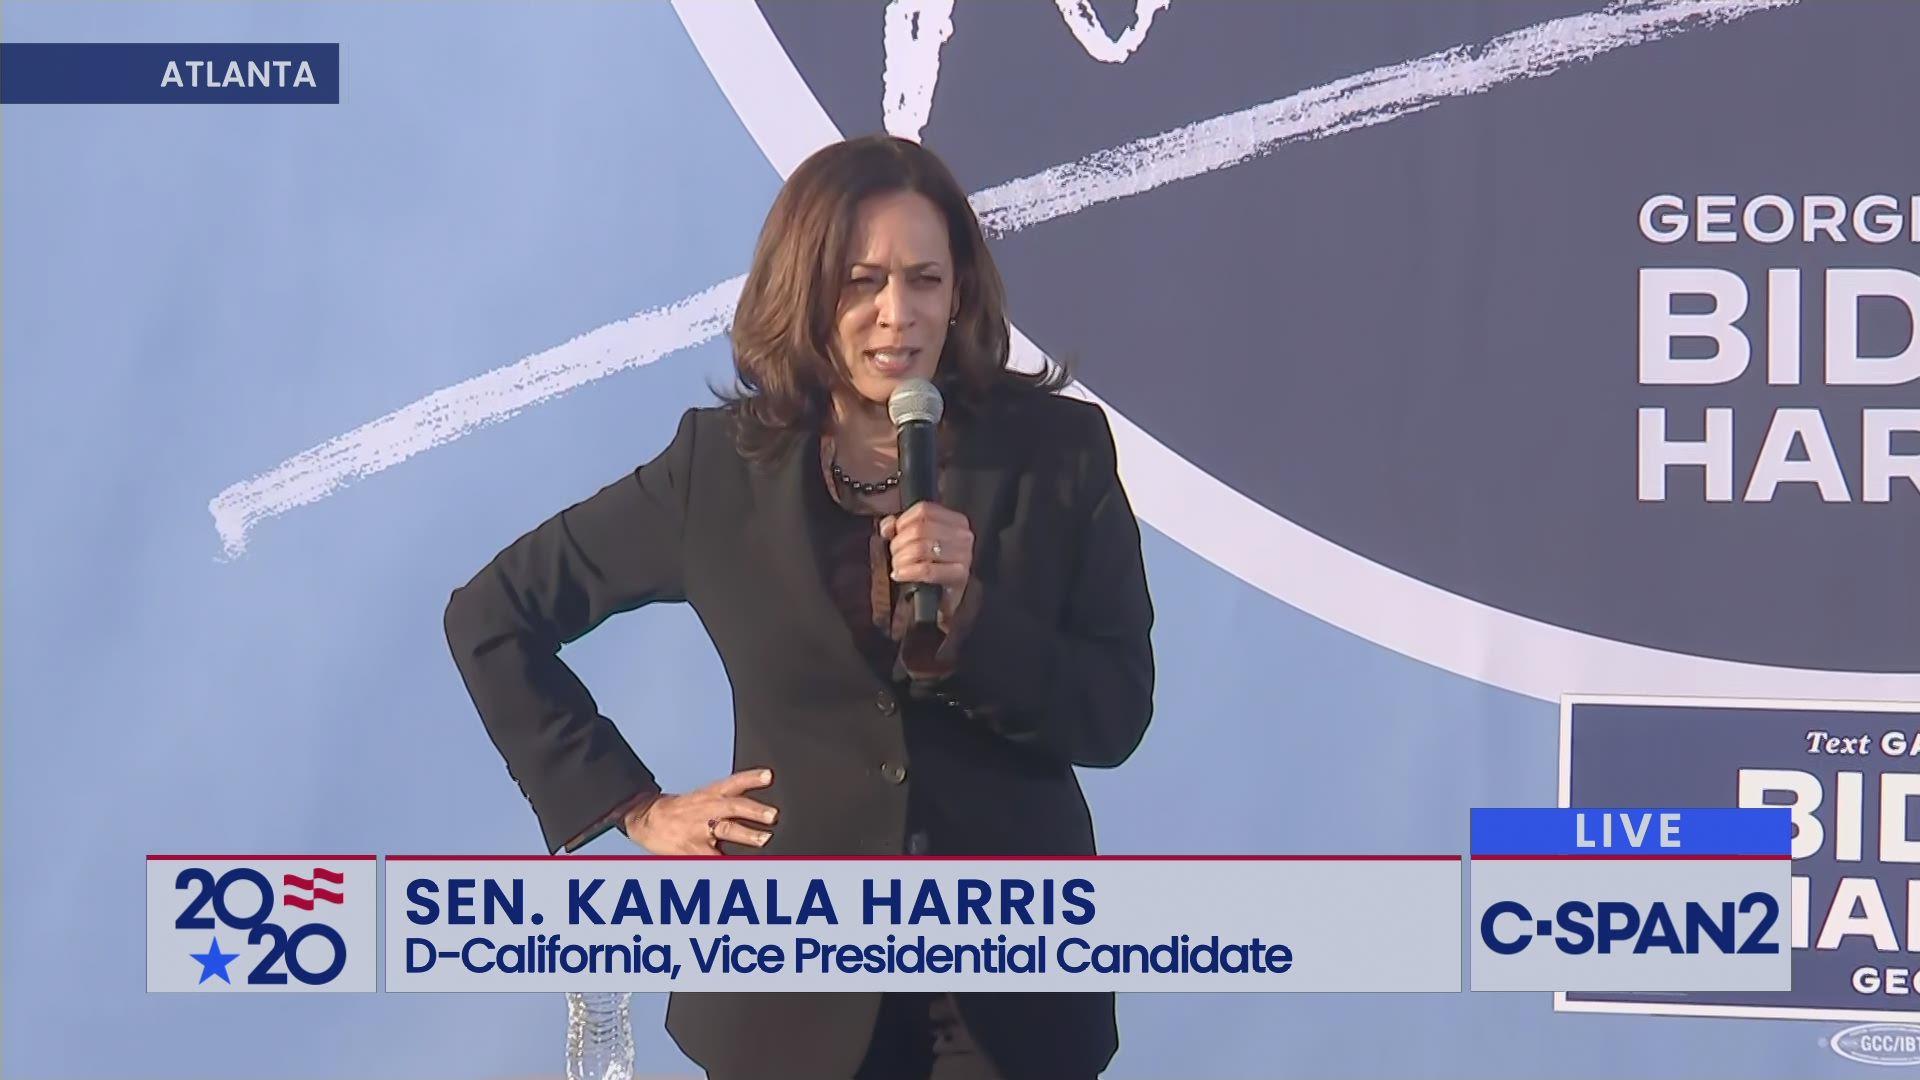 Senator Kamala Harris Campaigns In Atlanta C Span Org